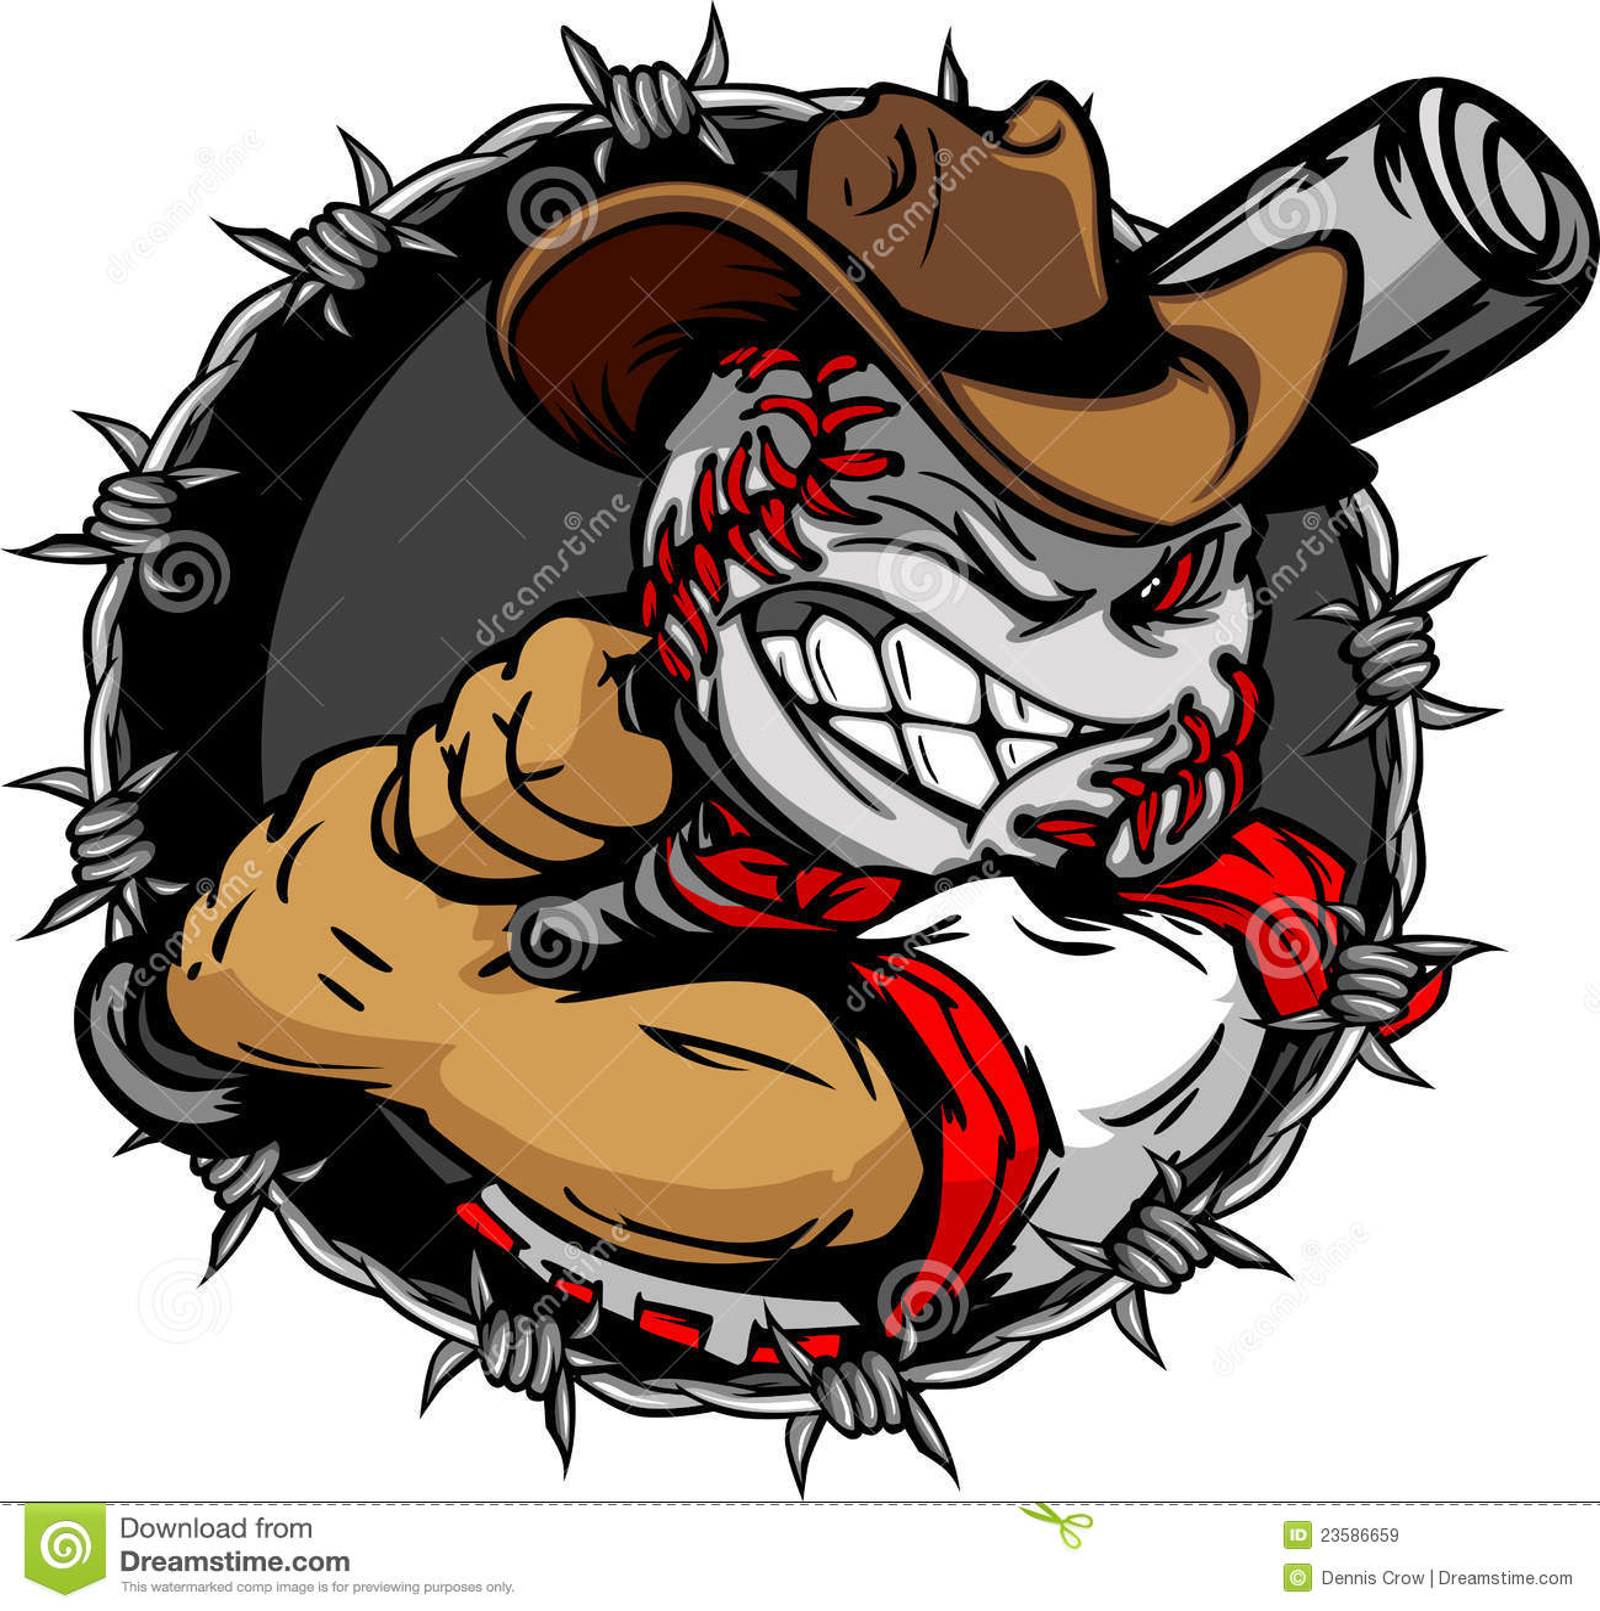 De Knuppel van het Honkbal van de Holding van het Gezicht van het Honkbal van de Cowboy van het beeldverhaal